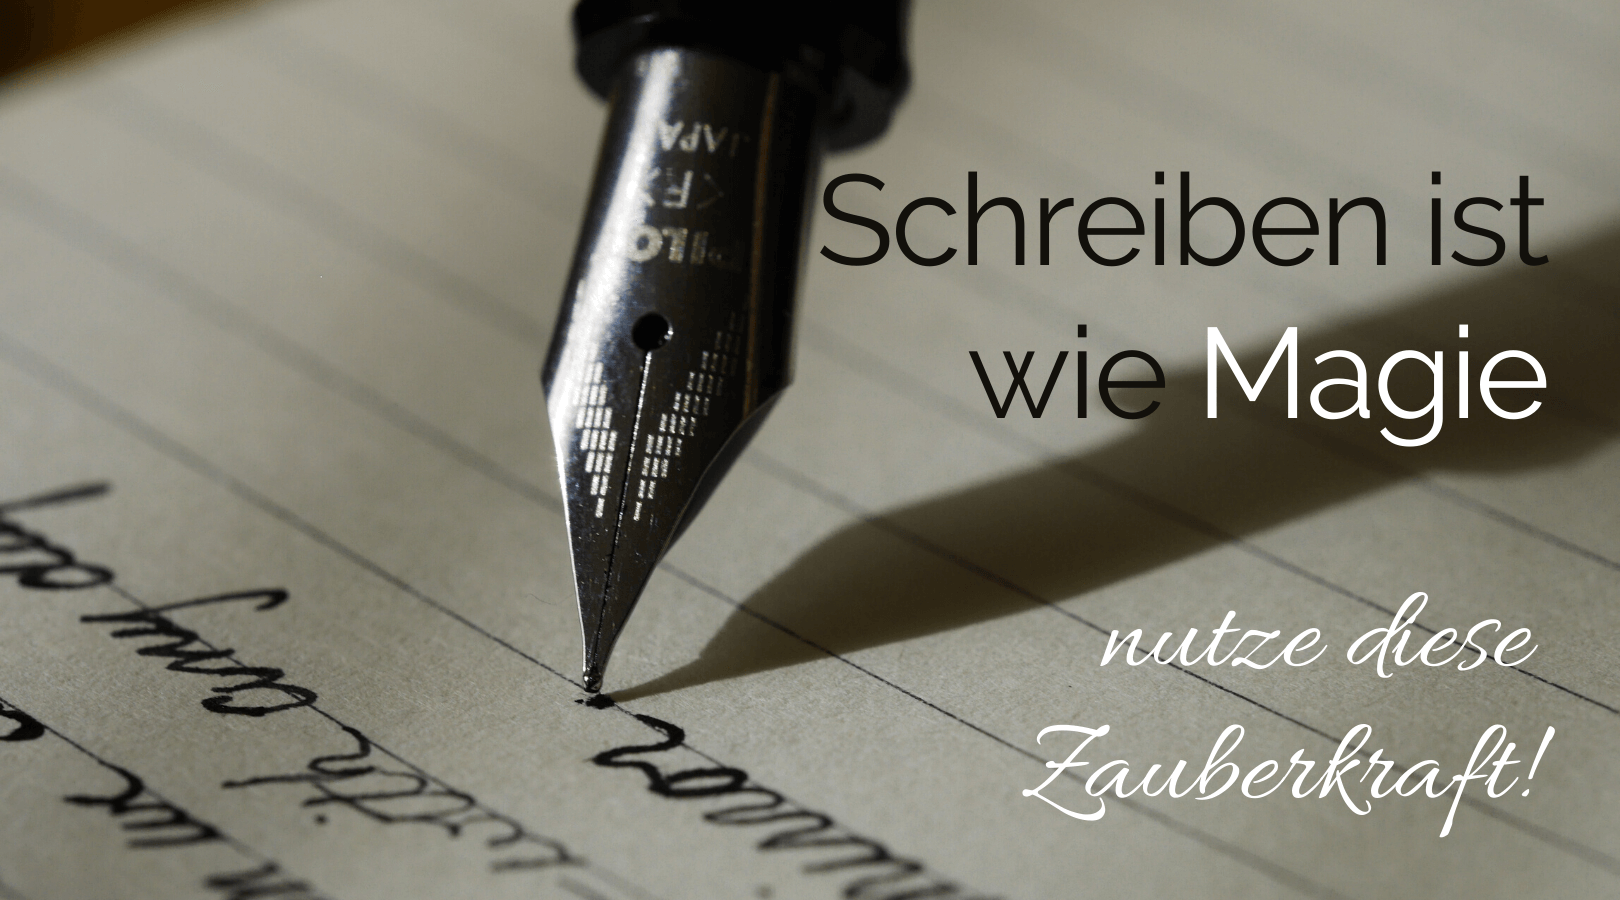 Schreiben ist wie Magie